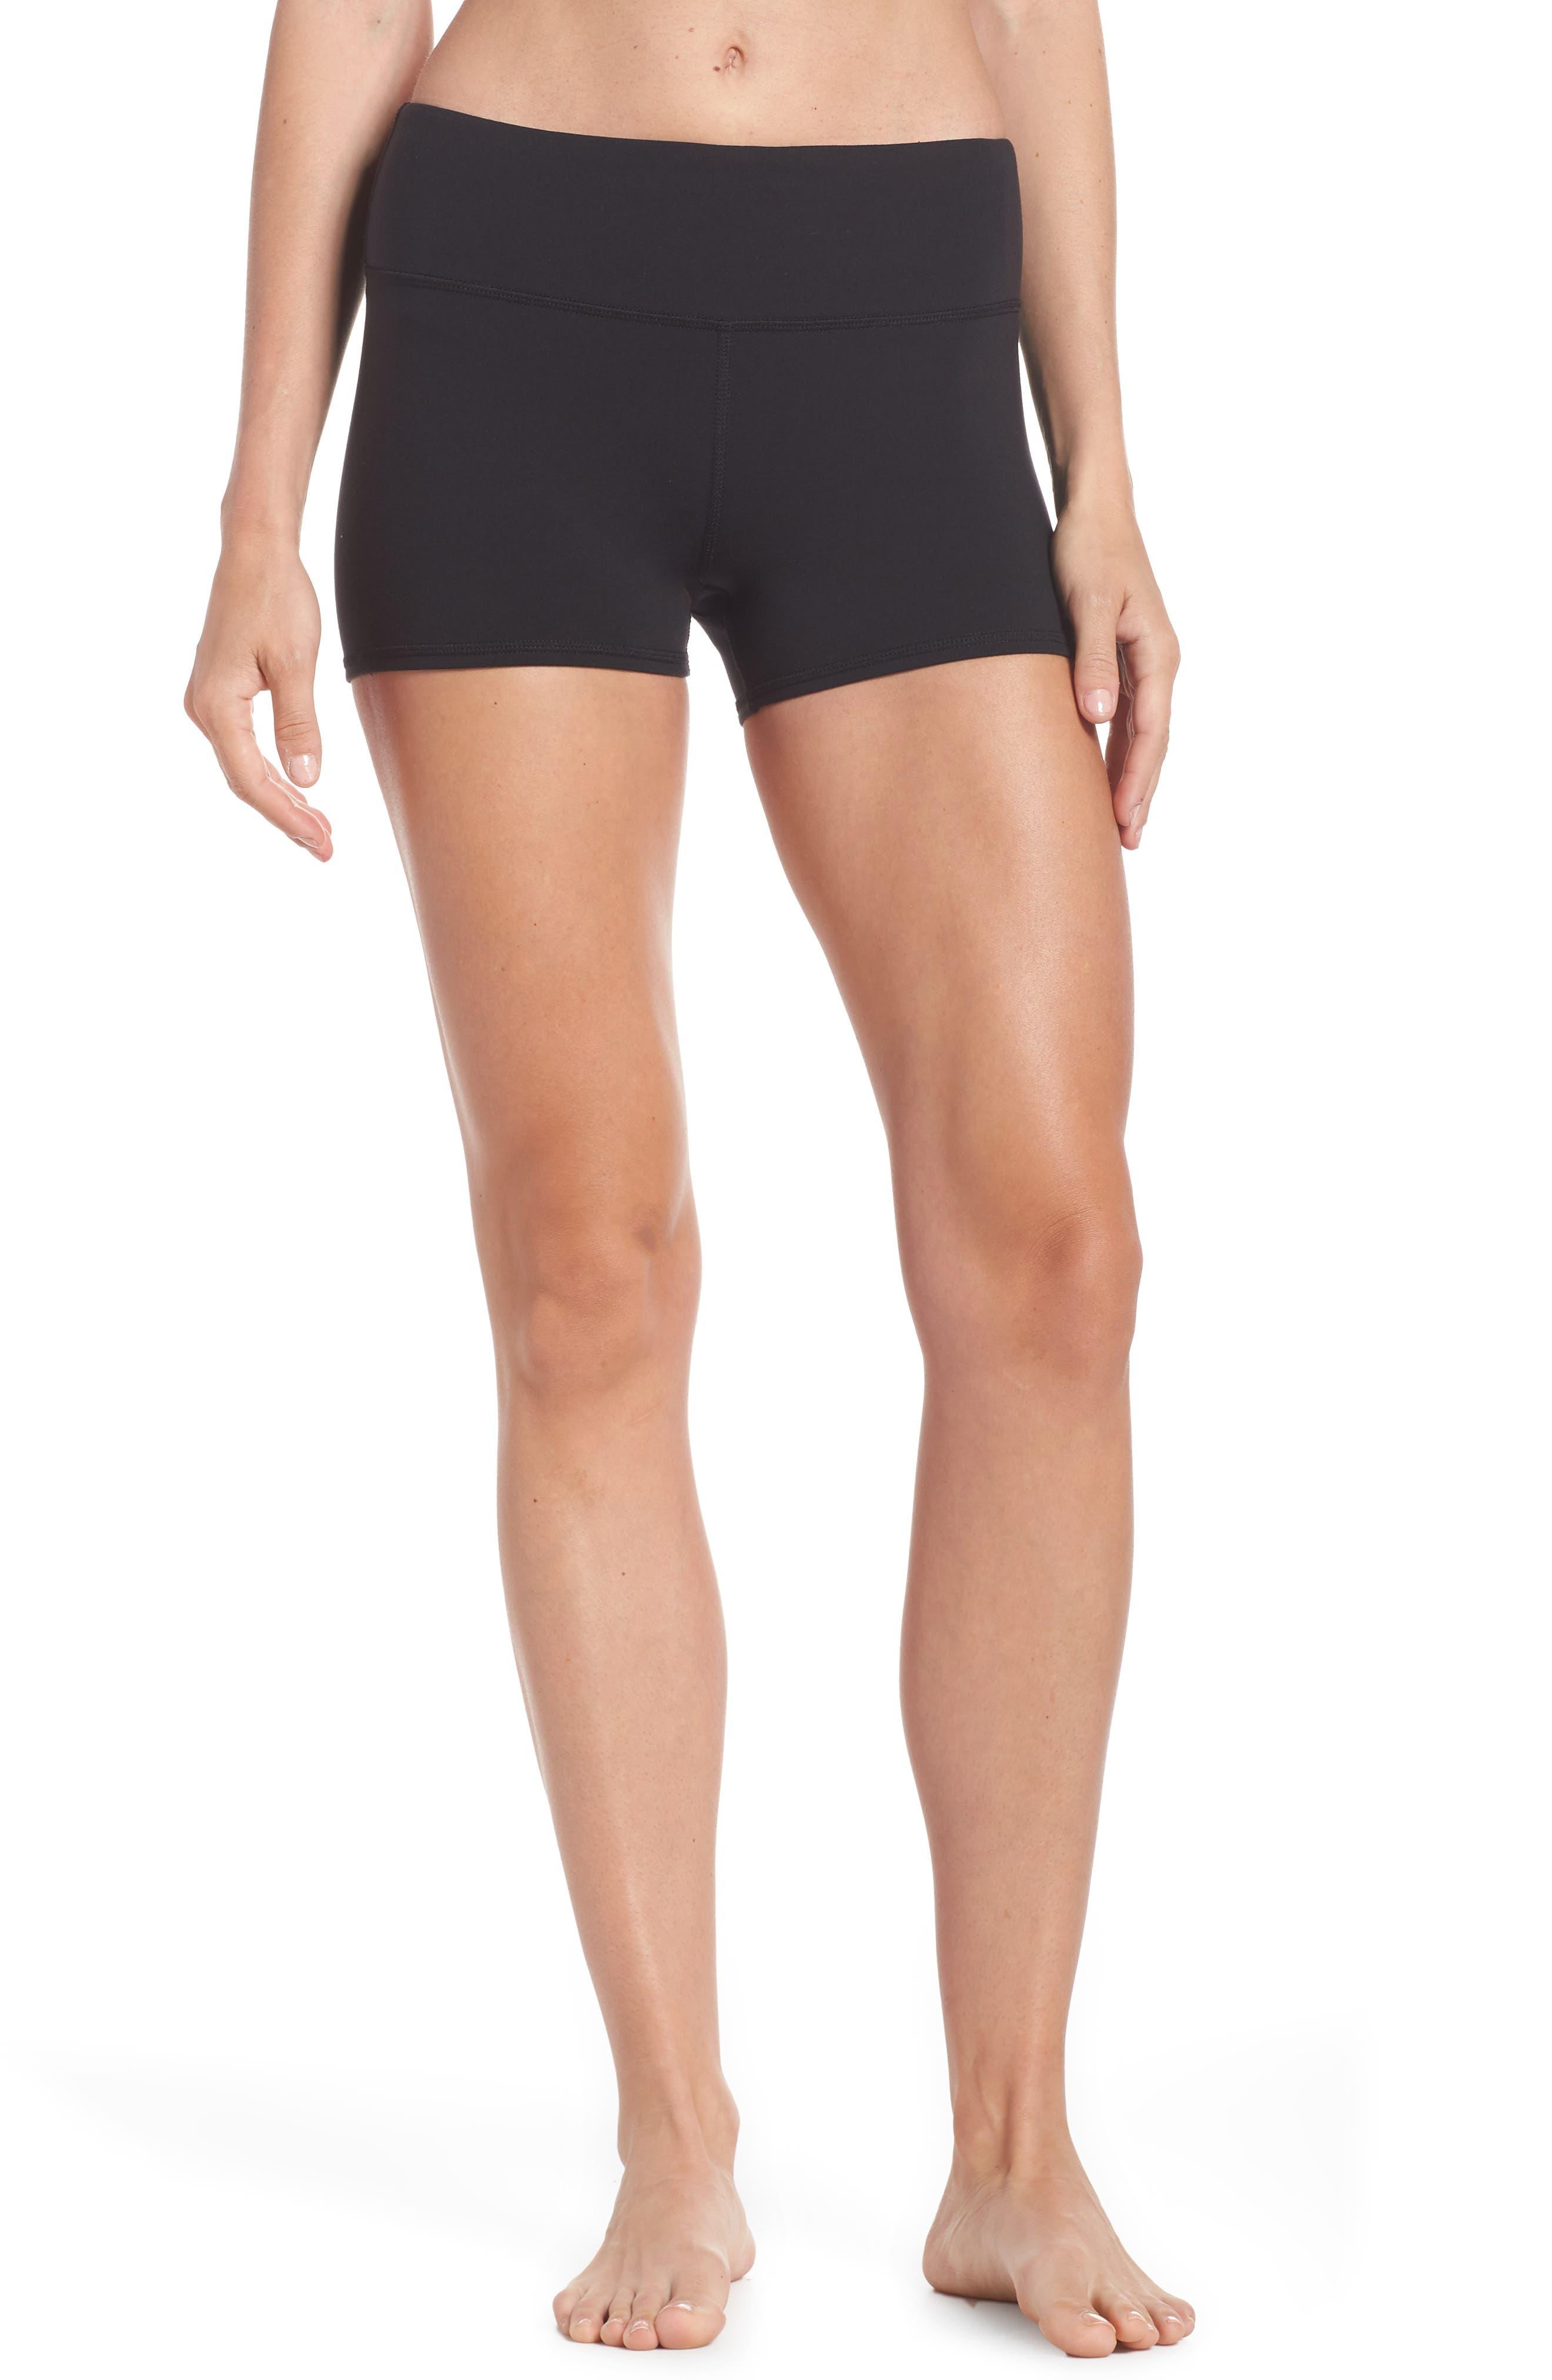 Airbrush Shorts,                         Main,                         color, BLACK